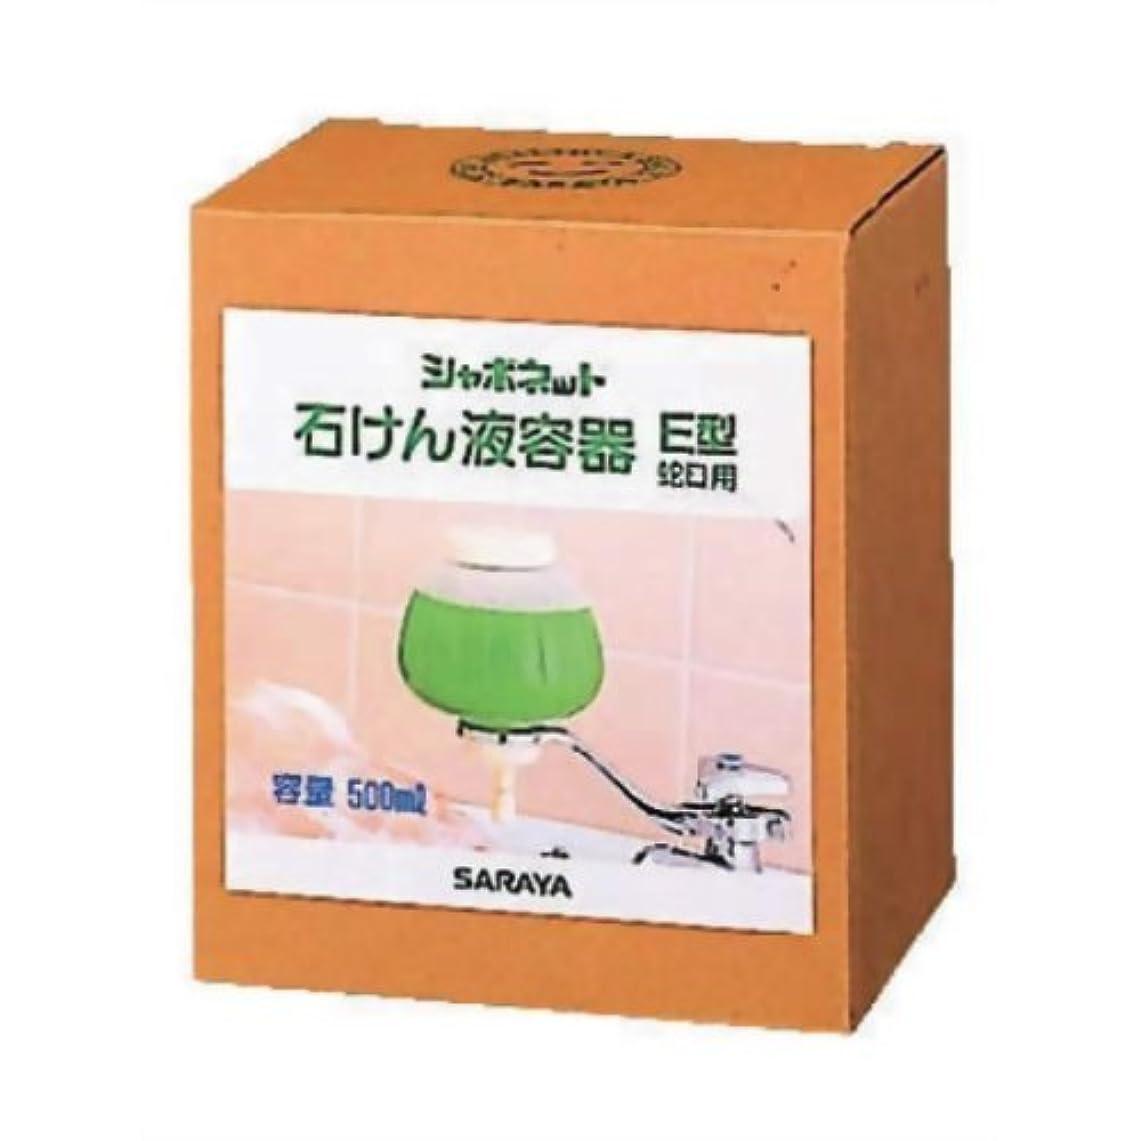 観客入場わざわざシャボネット 石鹸液容器 E型蛇口用 500ml